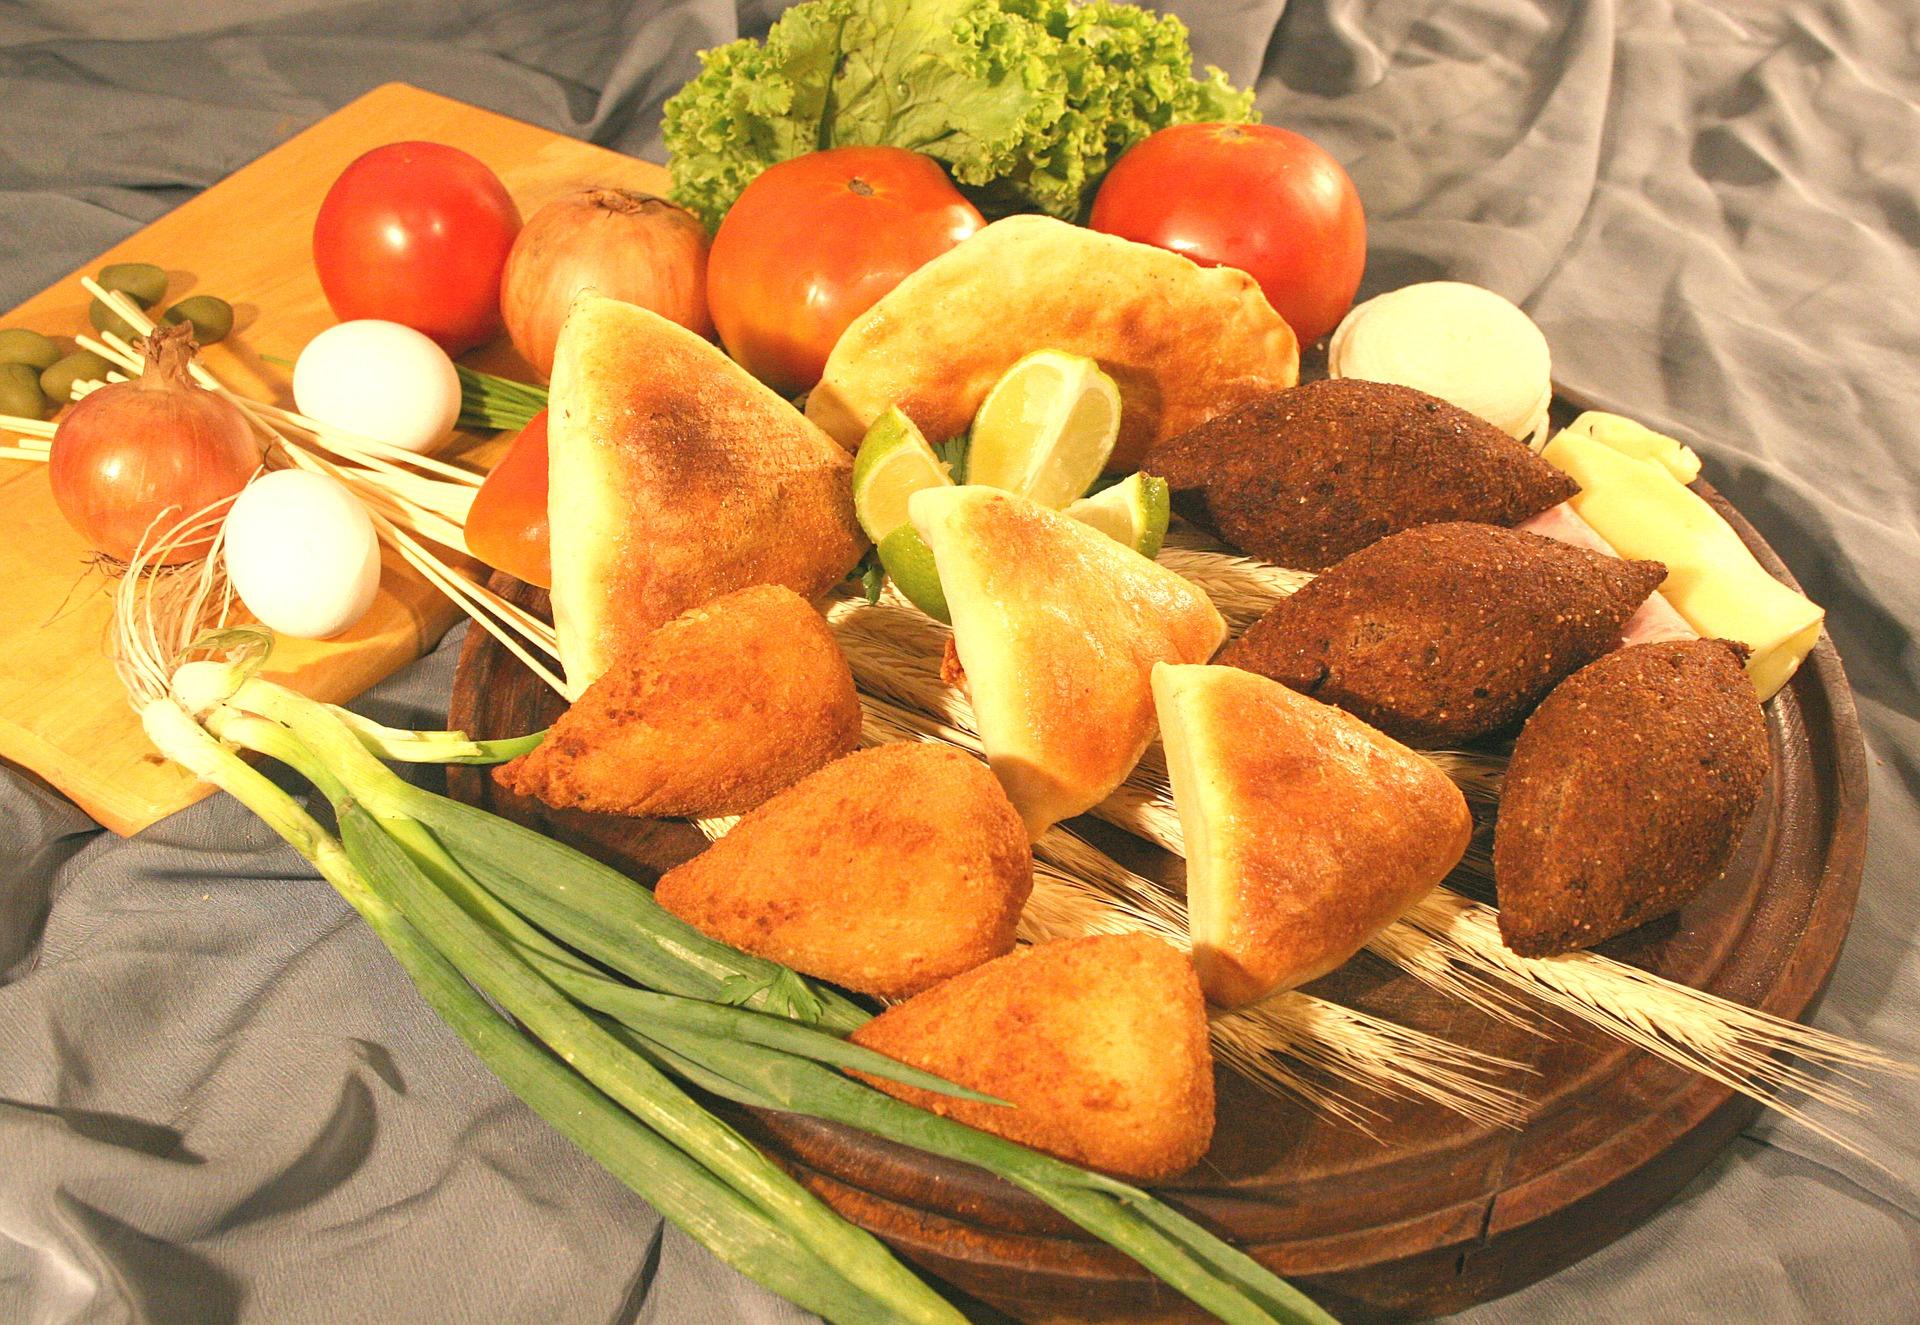 Prato de madeira com coxinhas, esfihas e quibes. Ao lado, há tomates, alho poró, alface e ovos espalhados.